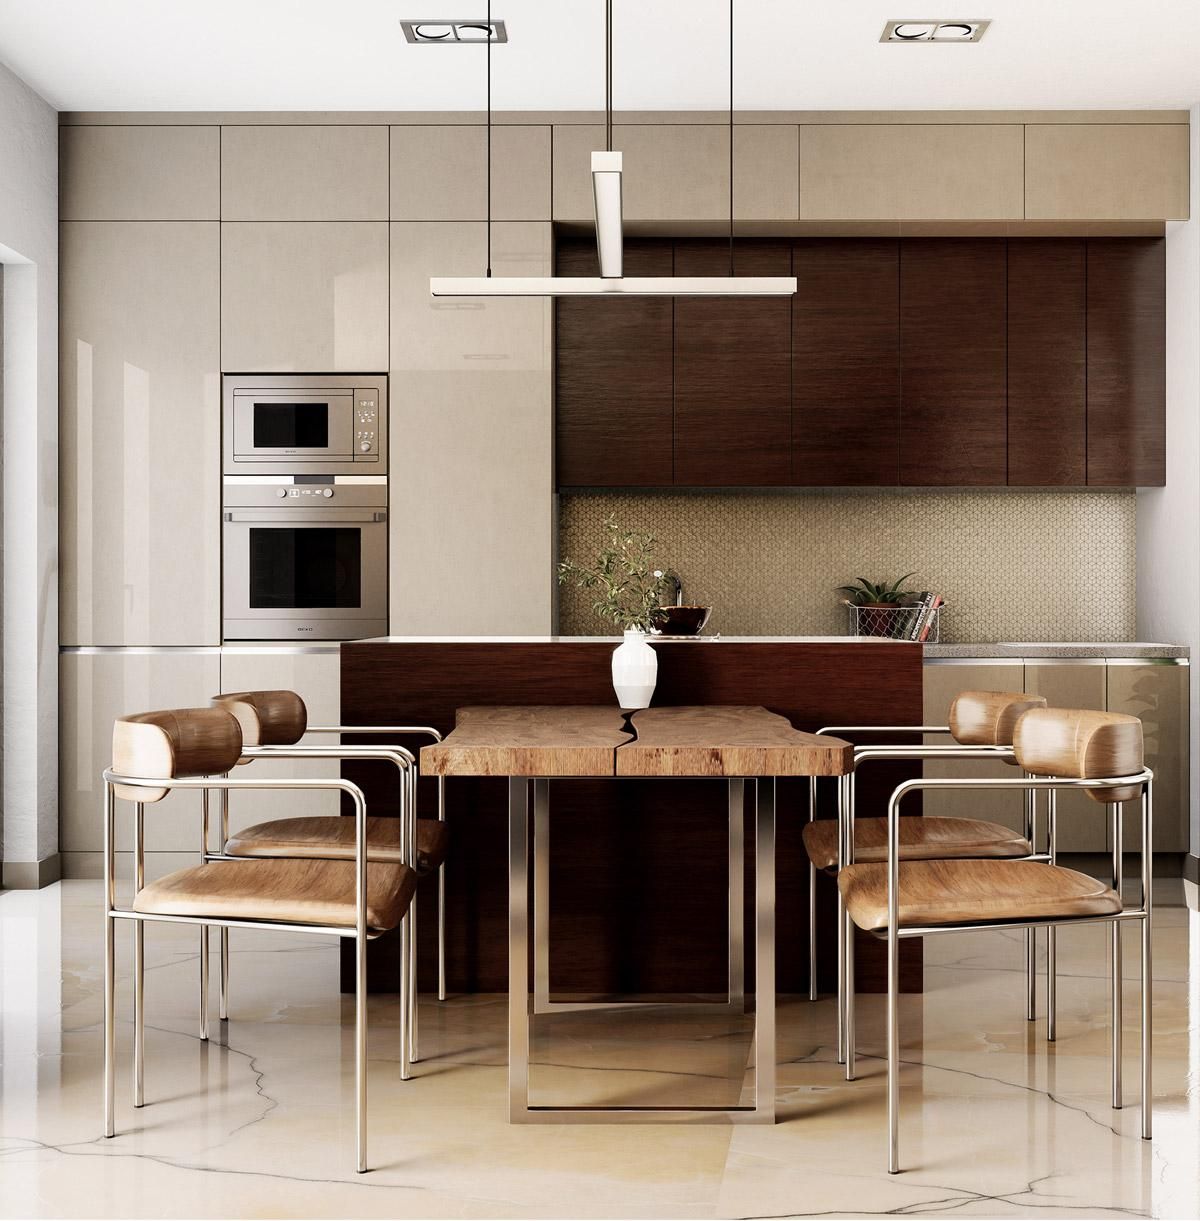 Trang trí nội thất phòng bếp